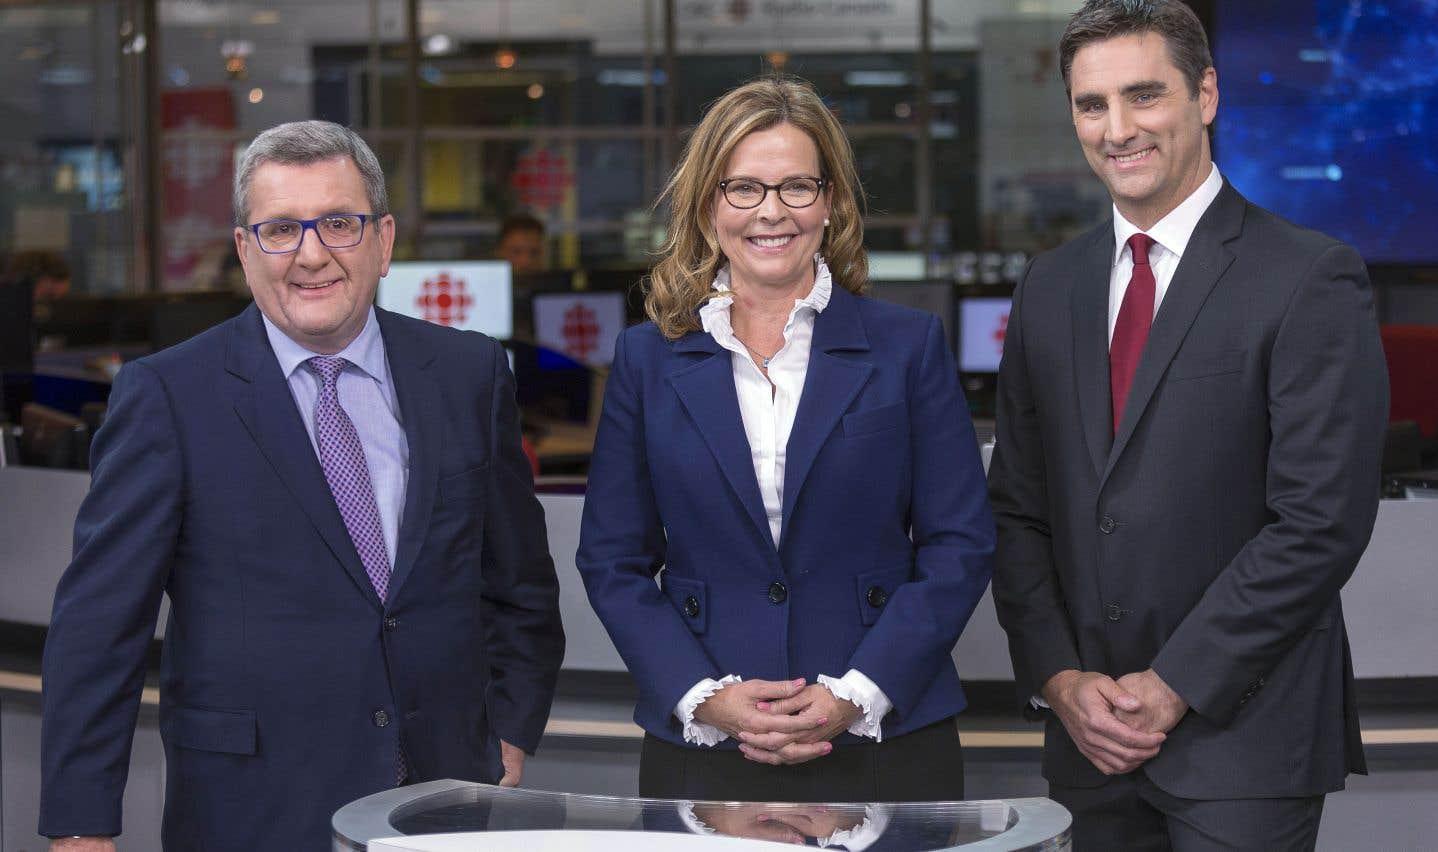 Régis Labeaume, Anne Guérette et Jean-François Gosselin ont croisé le fer, mardi soir à Québec, lors d'un débat organisé par les milieux d'affaires de la capitale nationale.